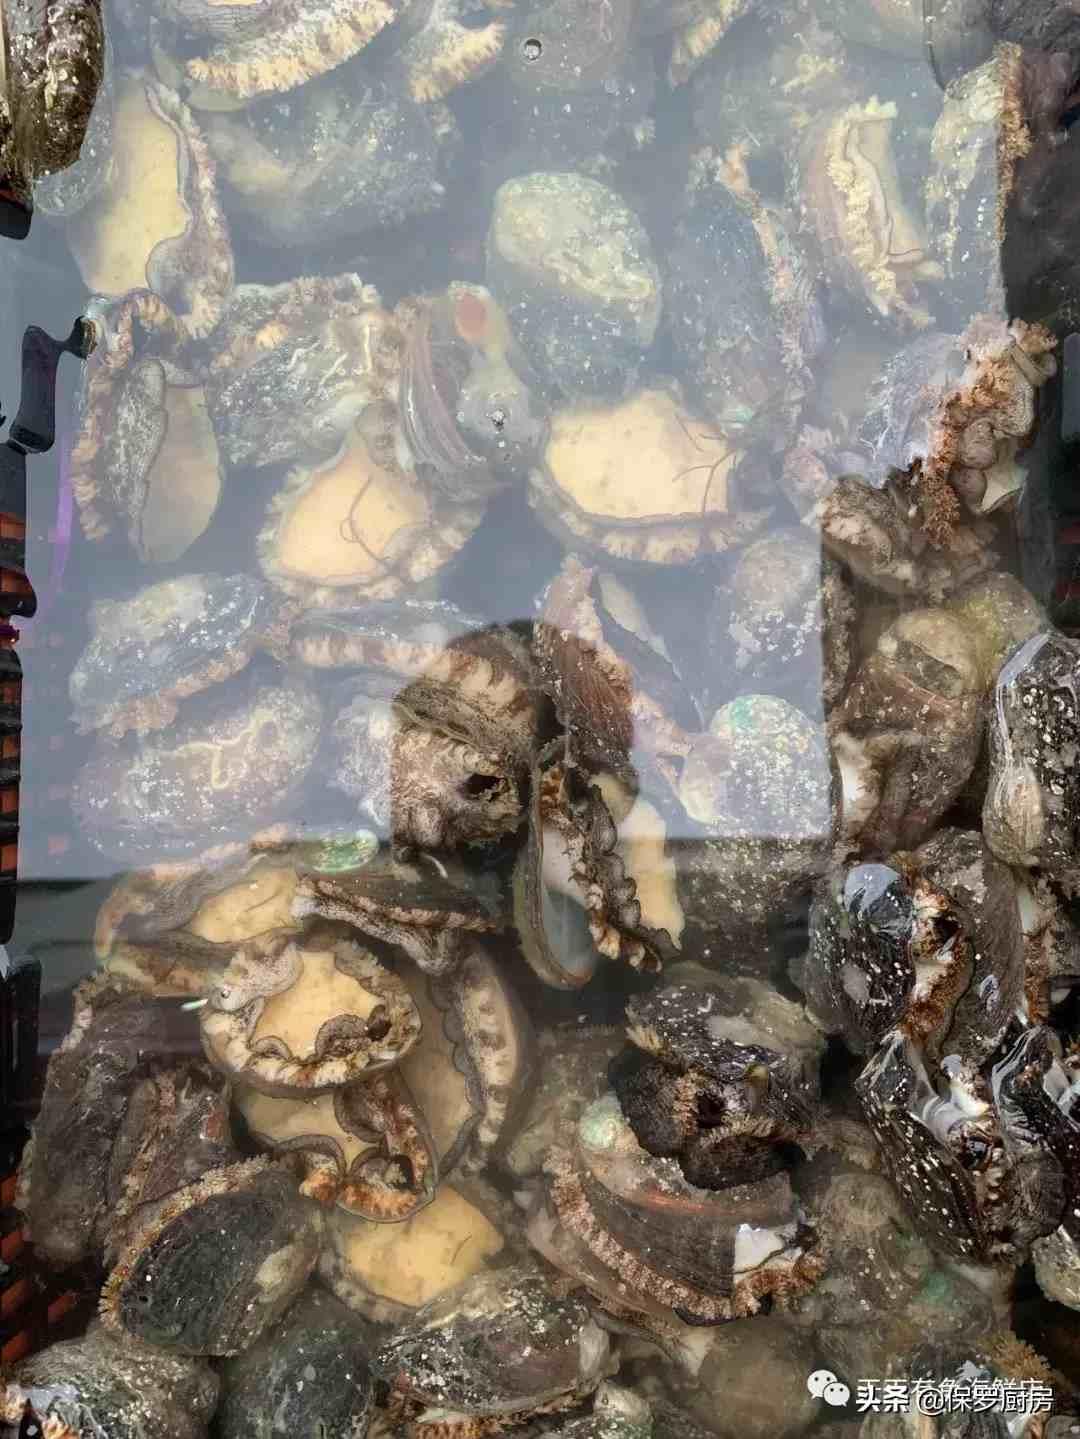 带你见识:贝壳类和螺类海鲜种类!这些海鲜你认识多少呢?